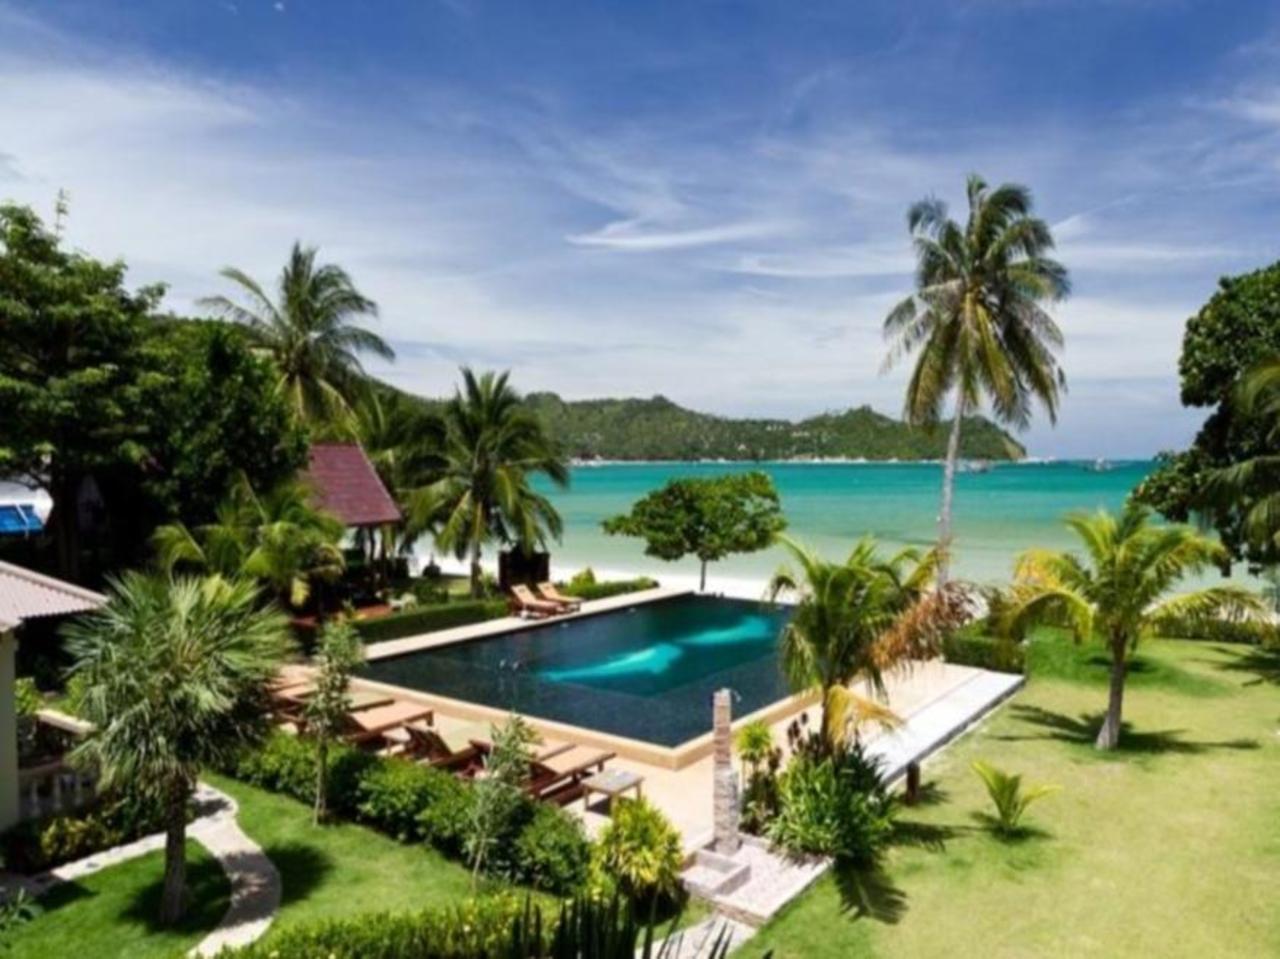 สตาร์ไลท์ รีสอร์ท (Starlight Resort)